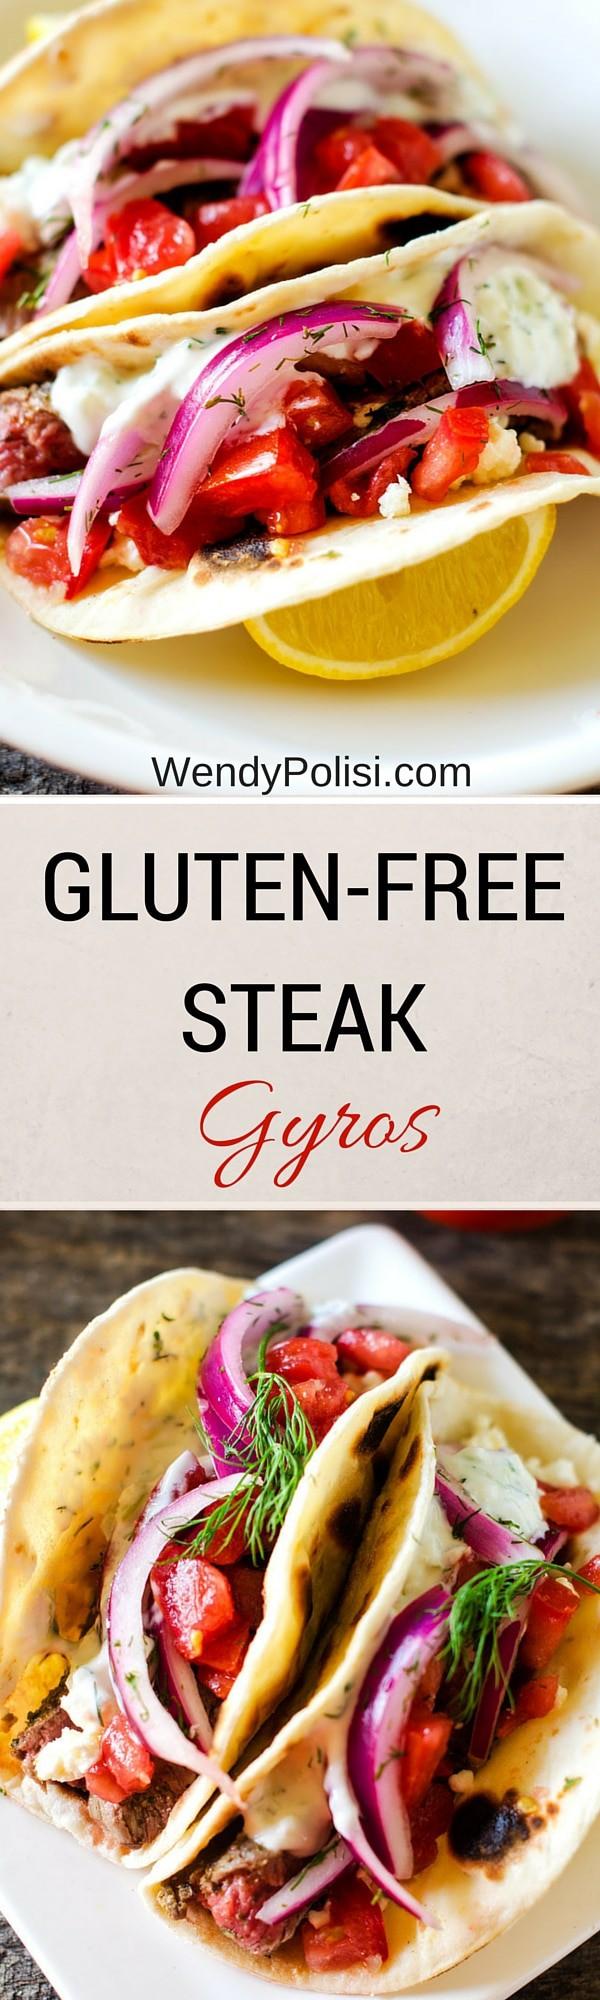 Gluten Free Steak Gyros - WendyPolisi.com - #udisglutenfree